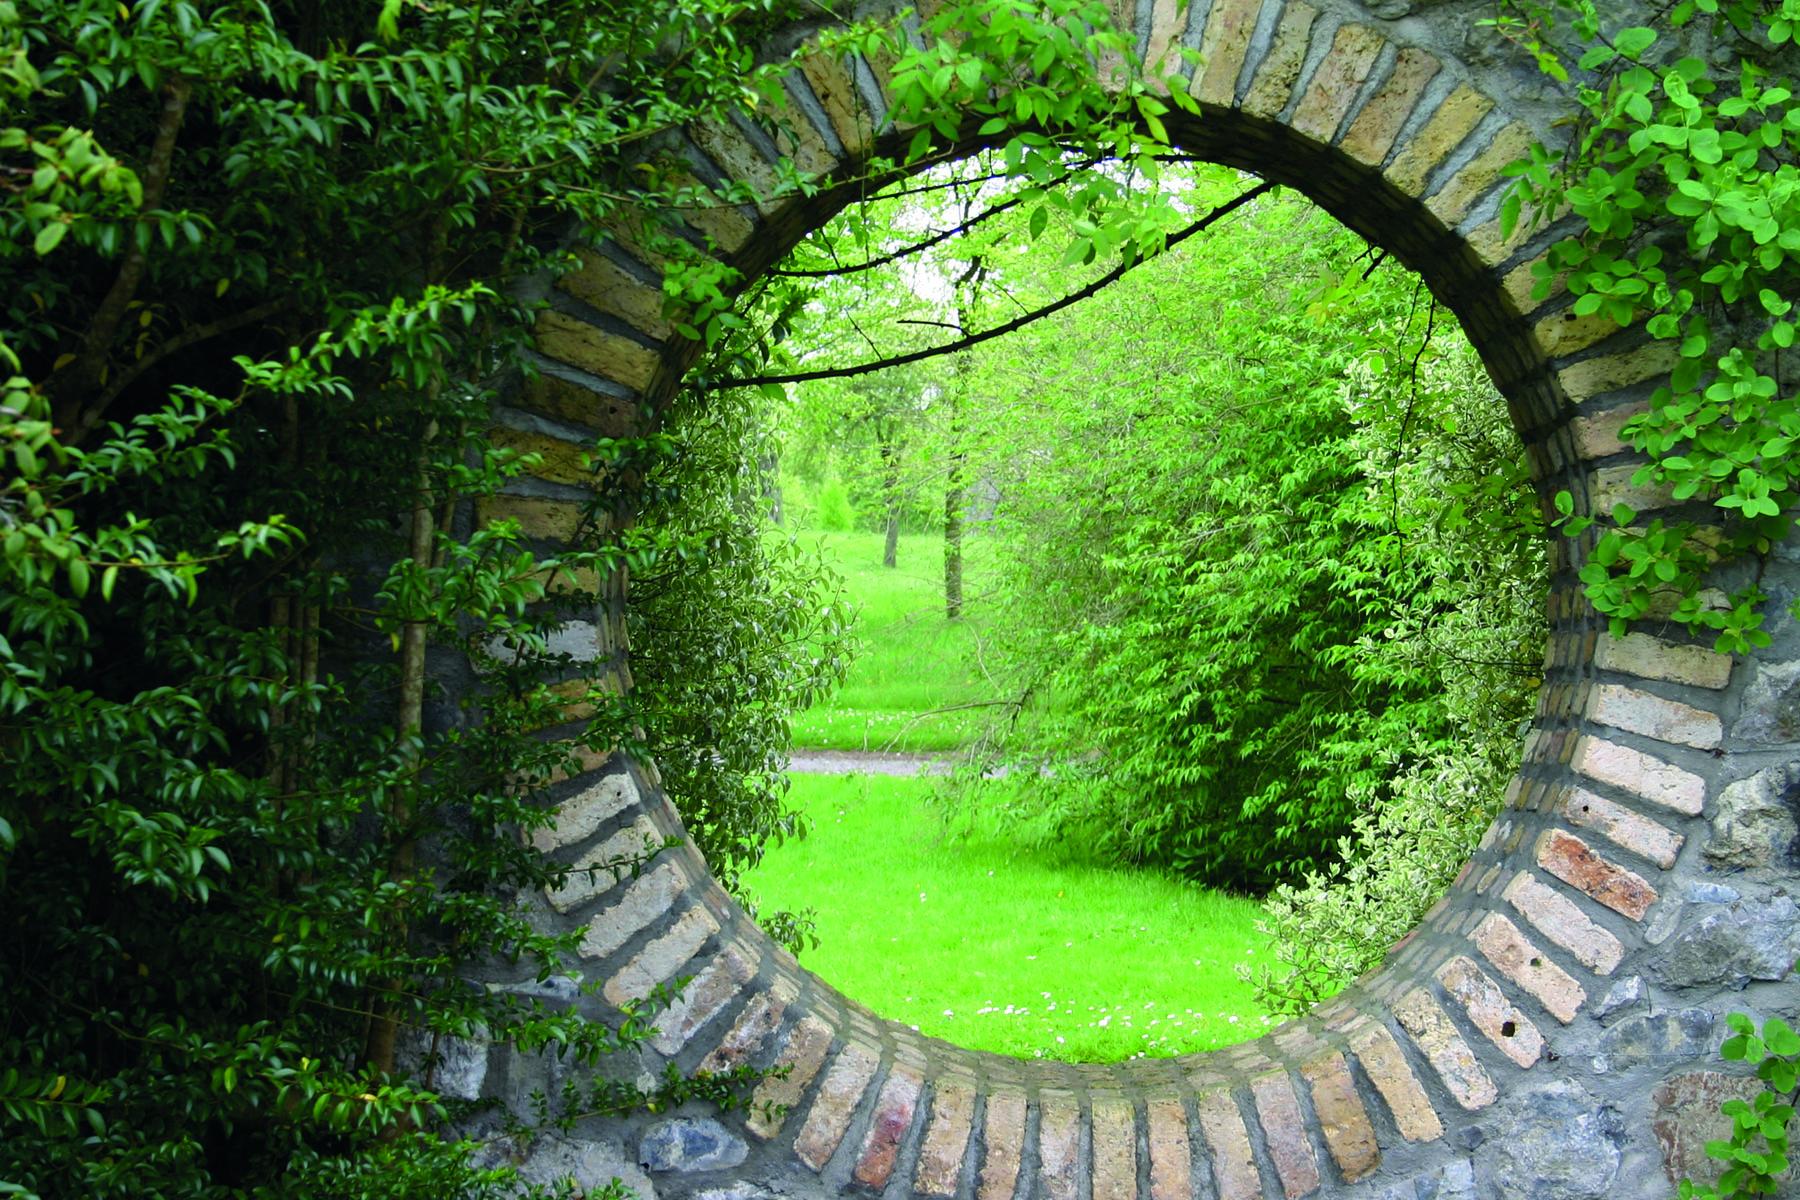 Ett runt fönster mot en vilsam trädgård